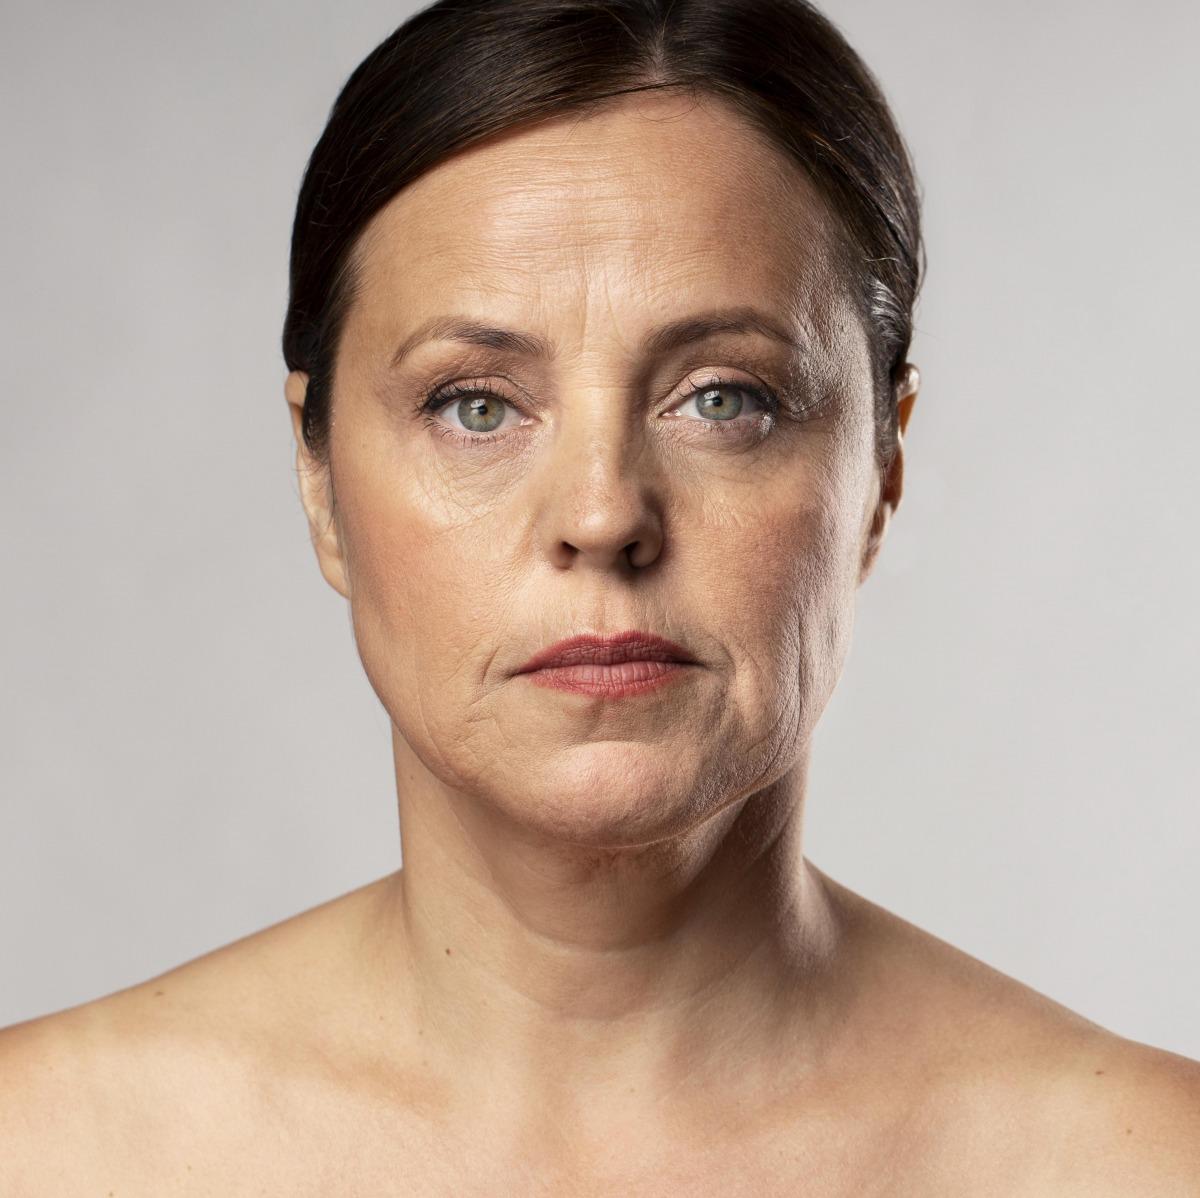 Bắt đầu hình thành những vết nhăn sạm dễ làm mất thẩm mỹ khi bước đến độ tuổi 30